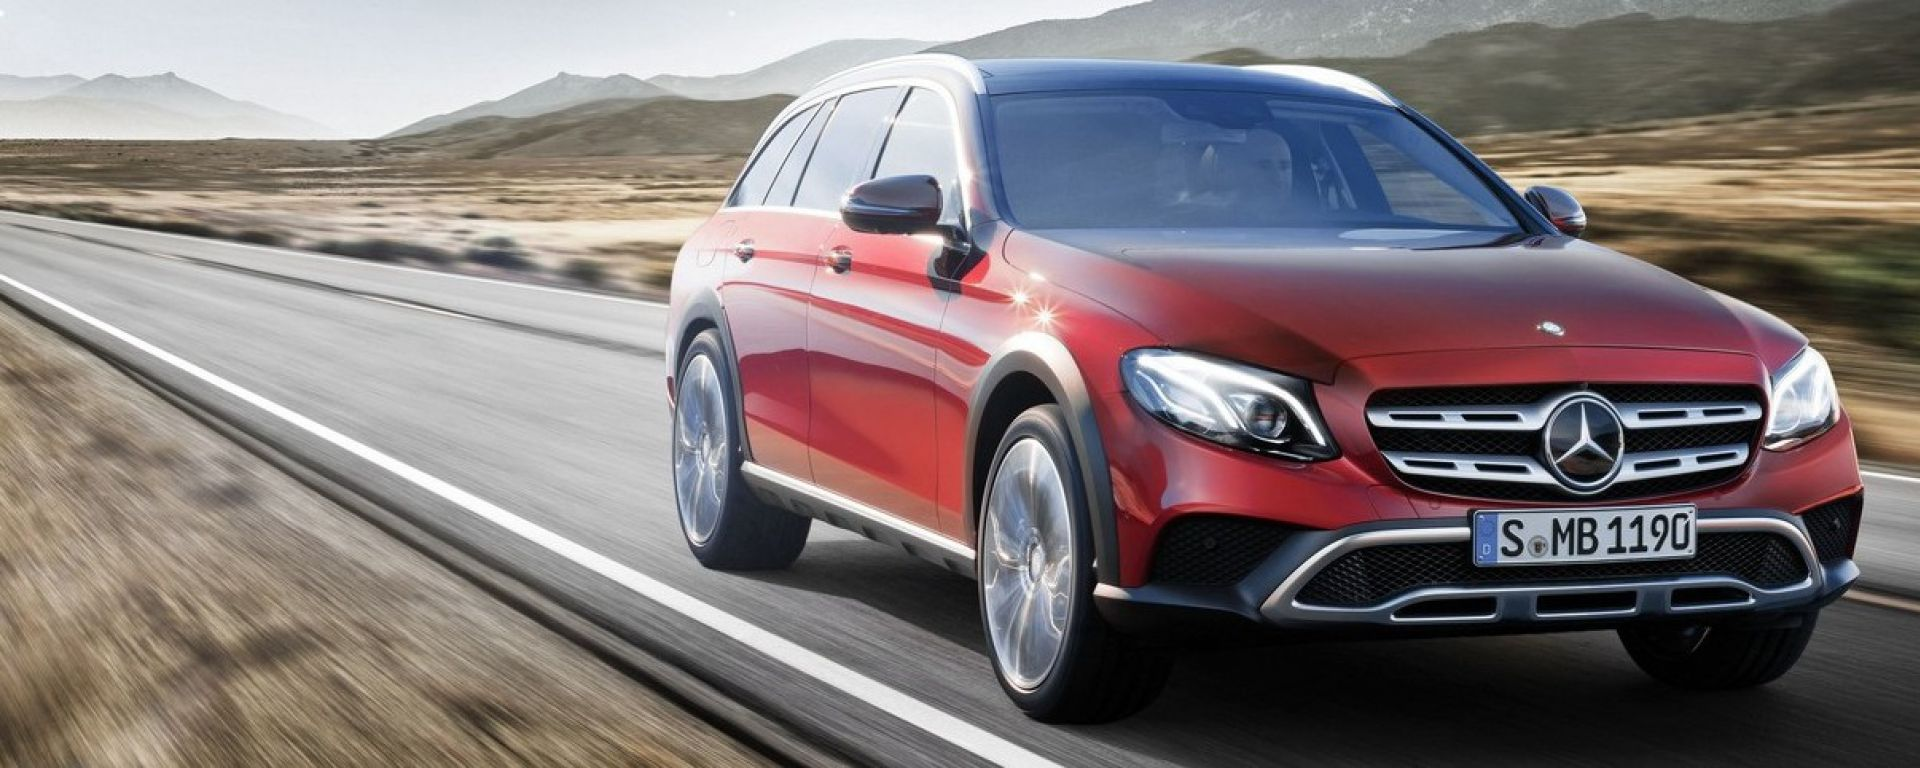 Mercedes Classe E All Terrain: un'altra wagon che non teme la guida sporca